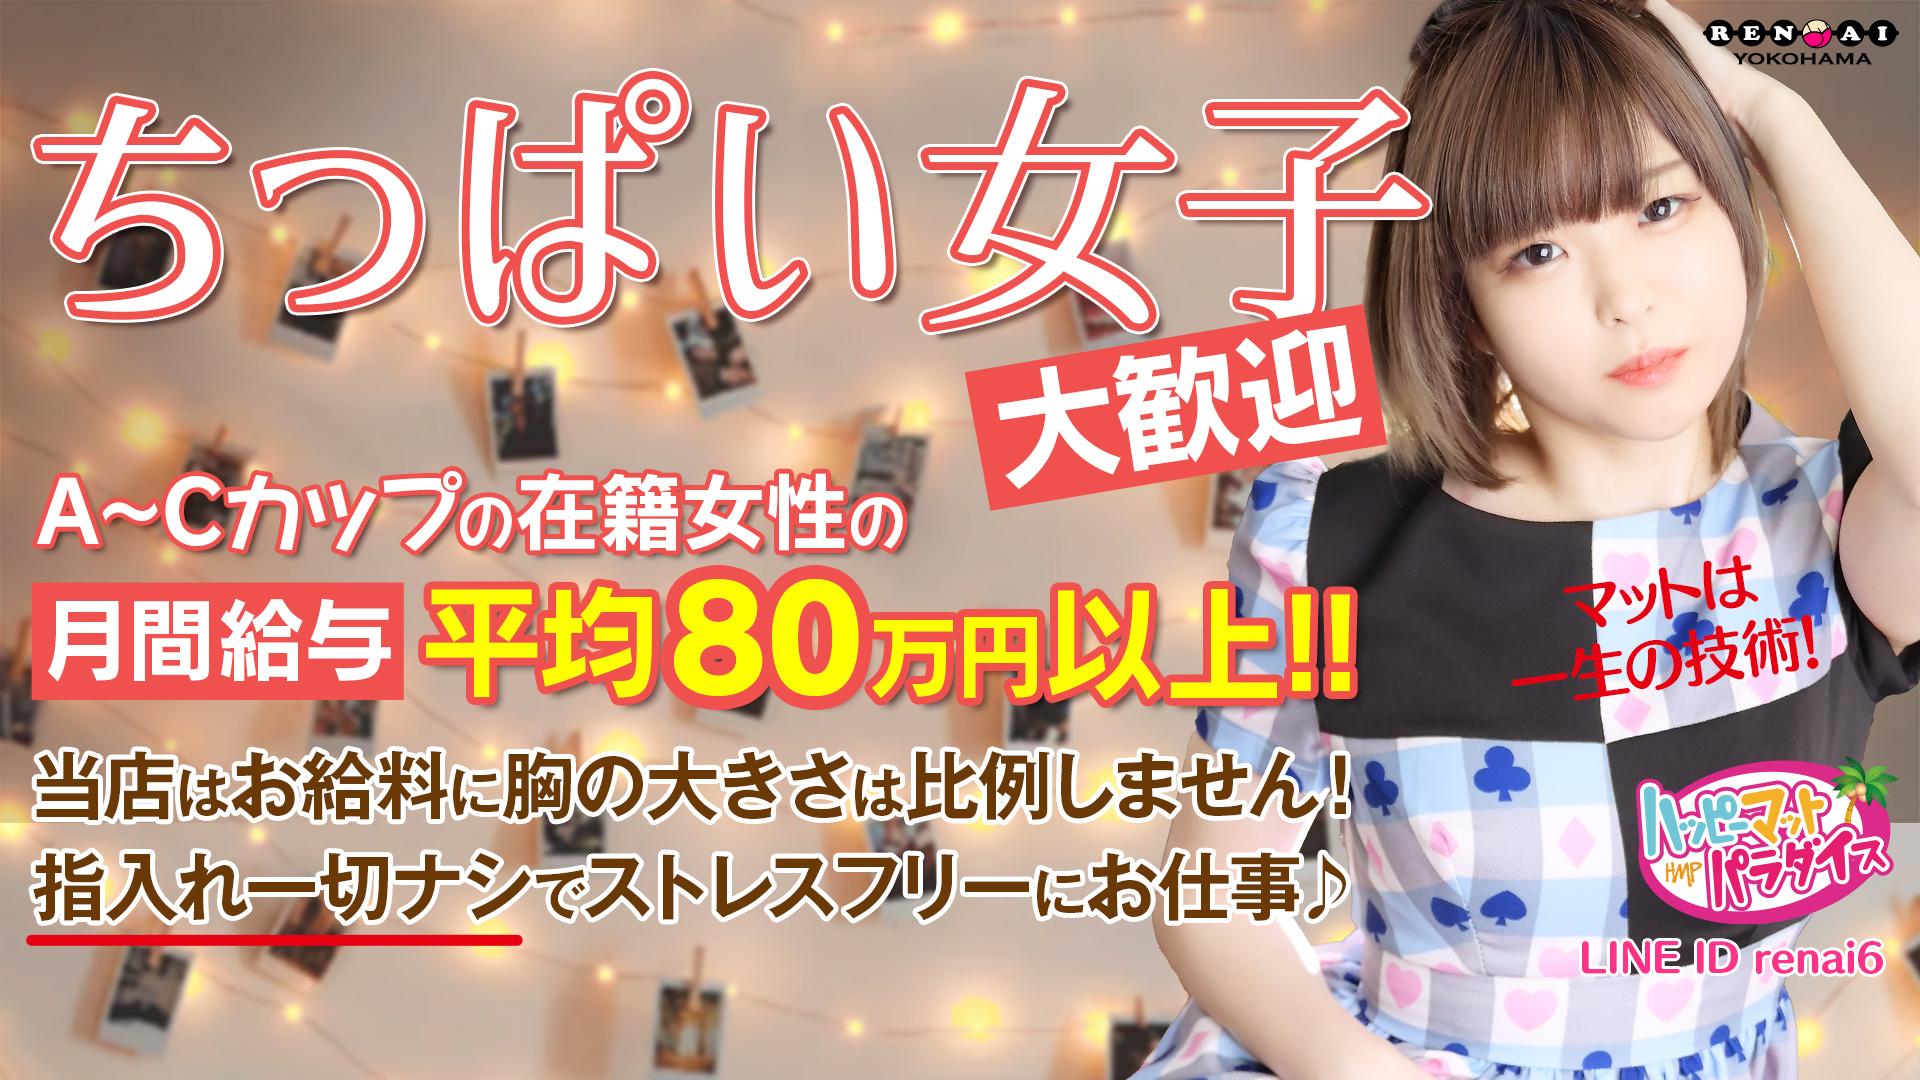 横浜ハッピーマットパラダイスの求人画像